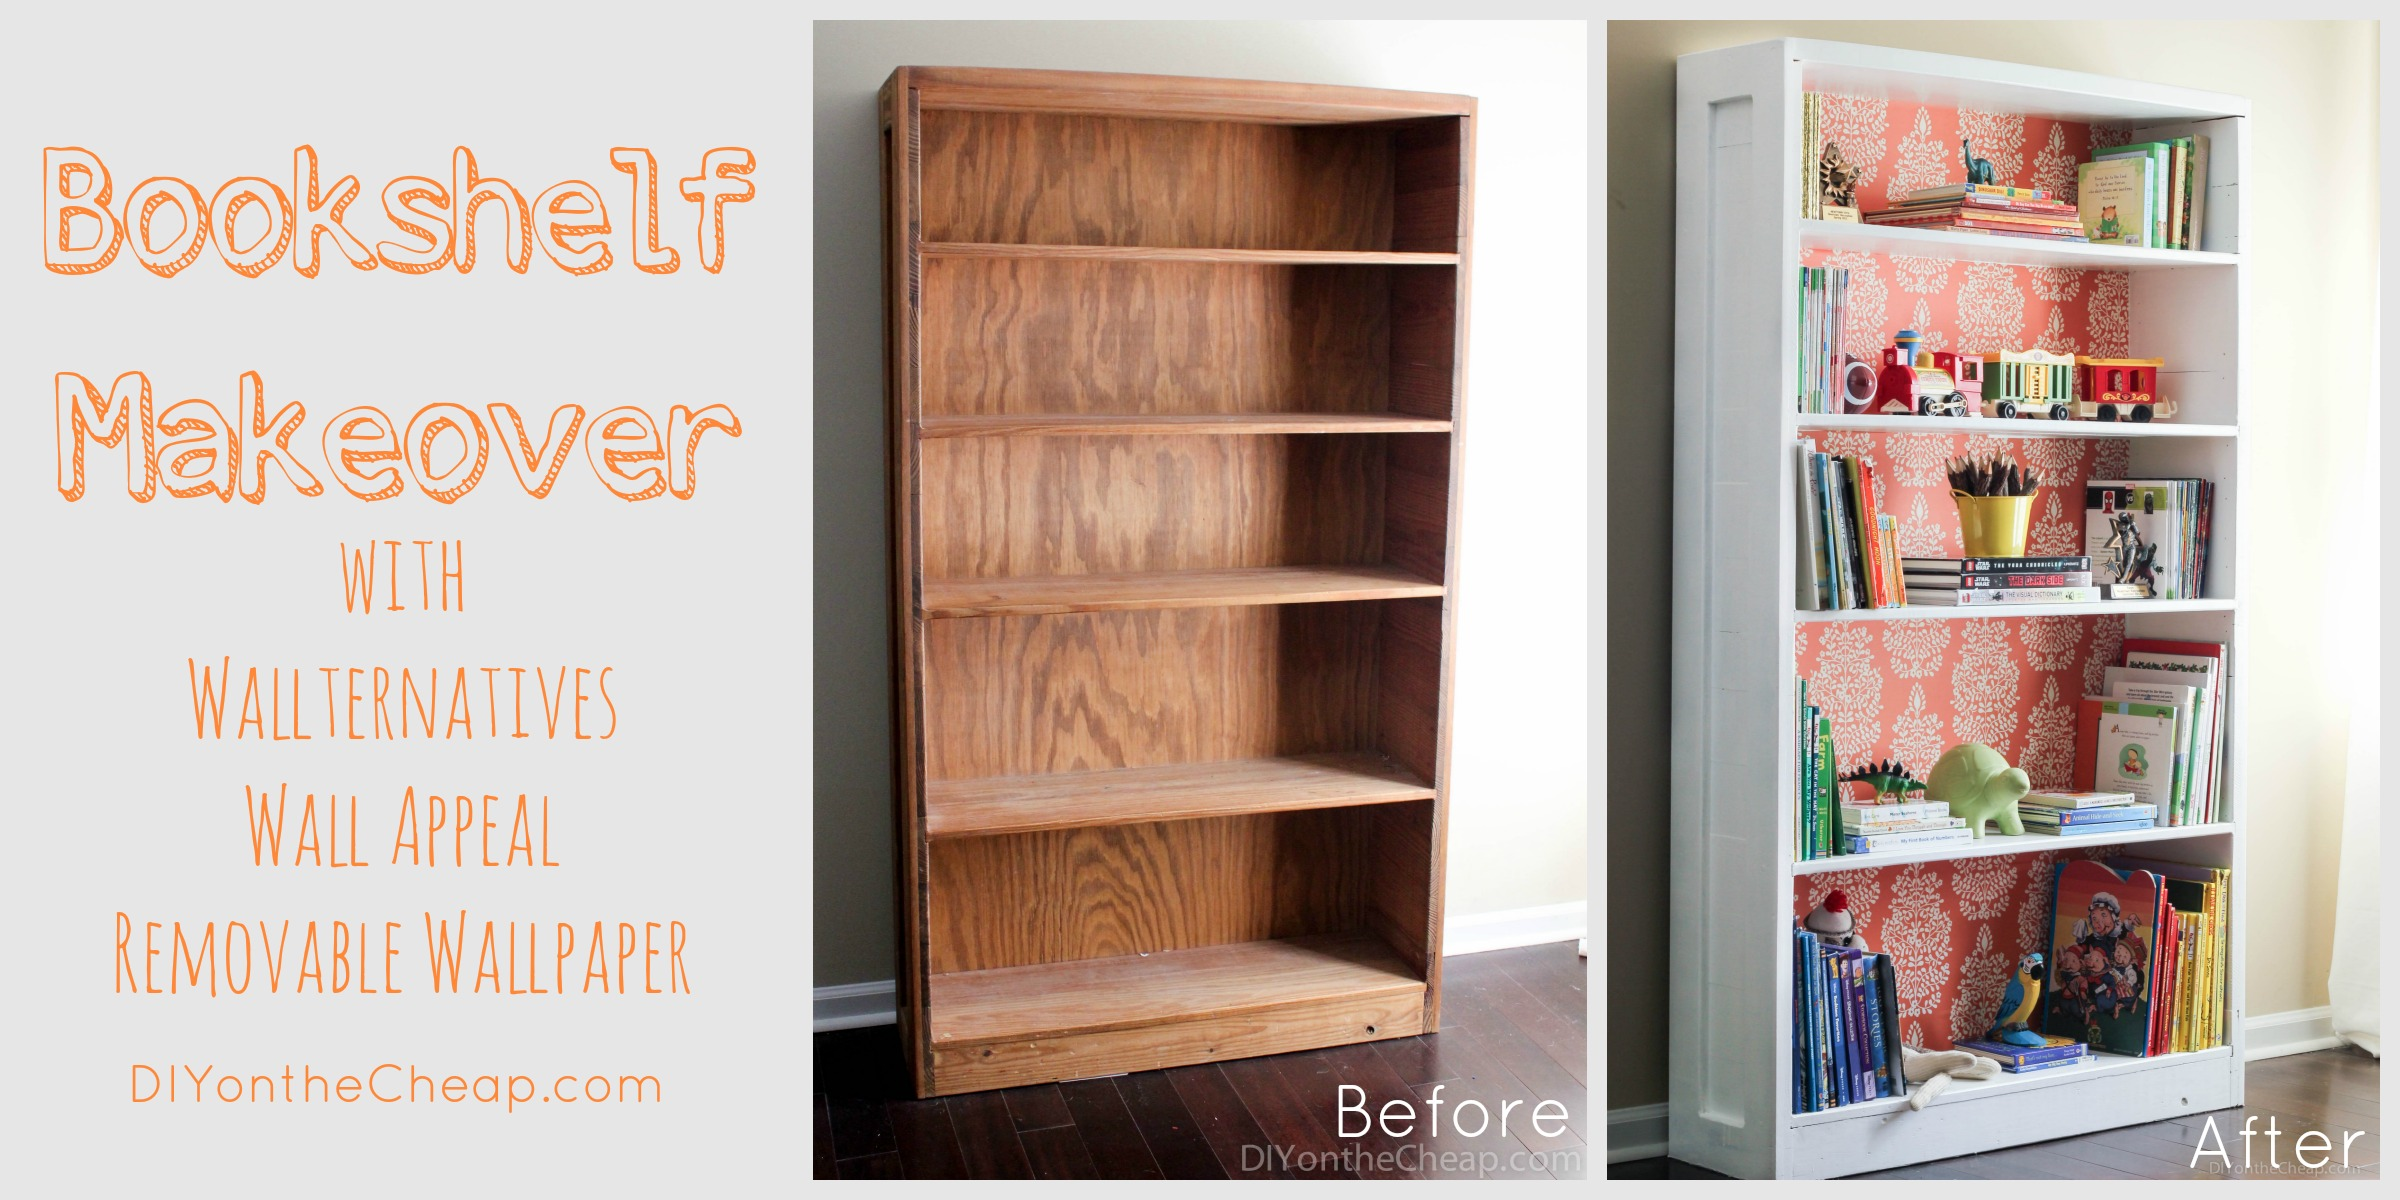 Bookshelf Makeover Before After